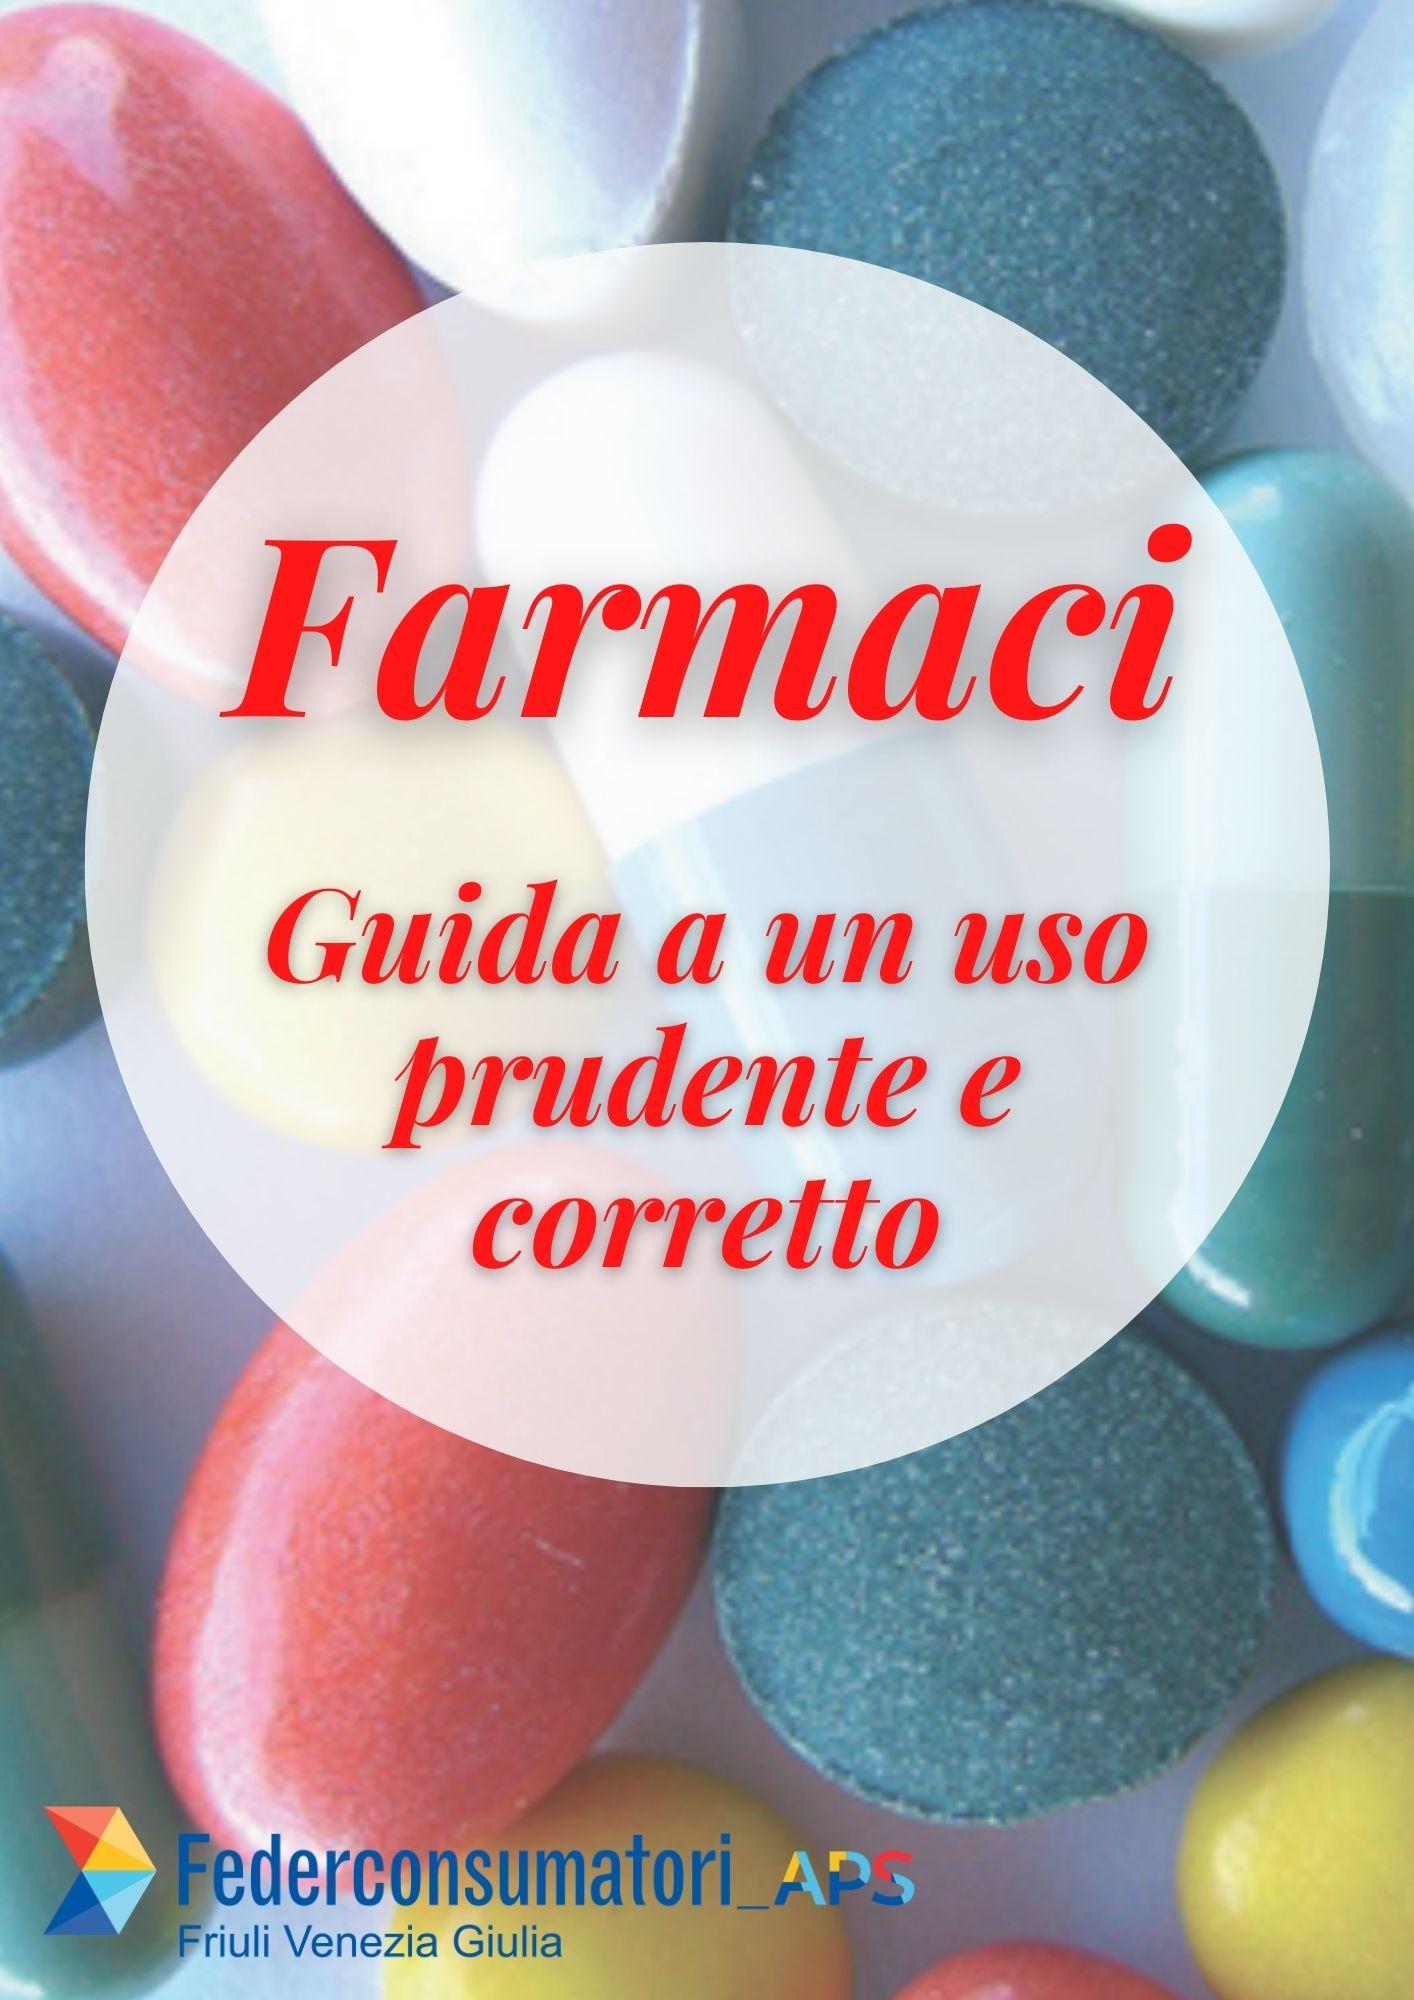 Farmaci guida a uso prudente e corretto